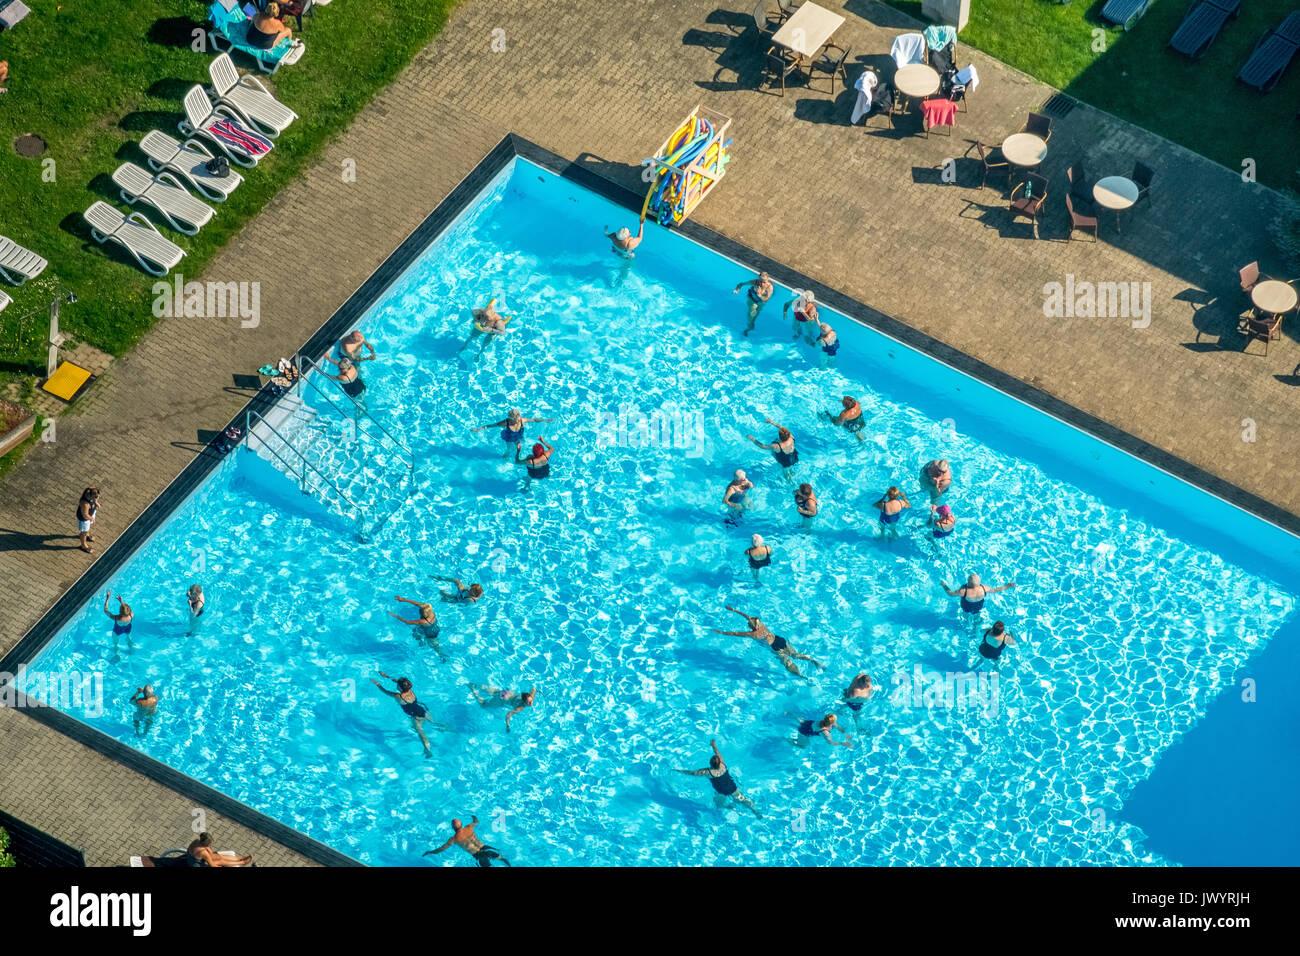 Acqua Azzurra Piscine area piscina vonderort, aerobica in acqua, acqua azzurra